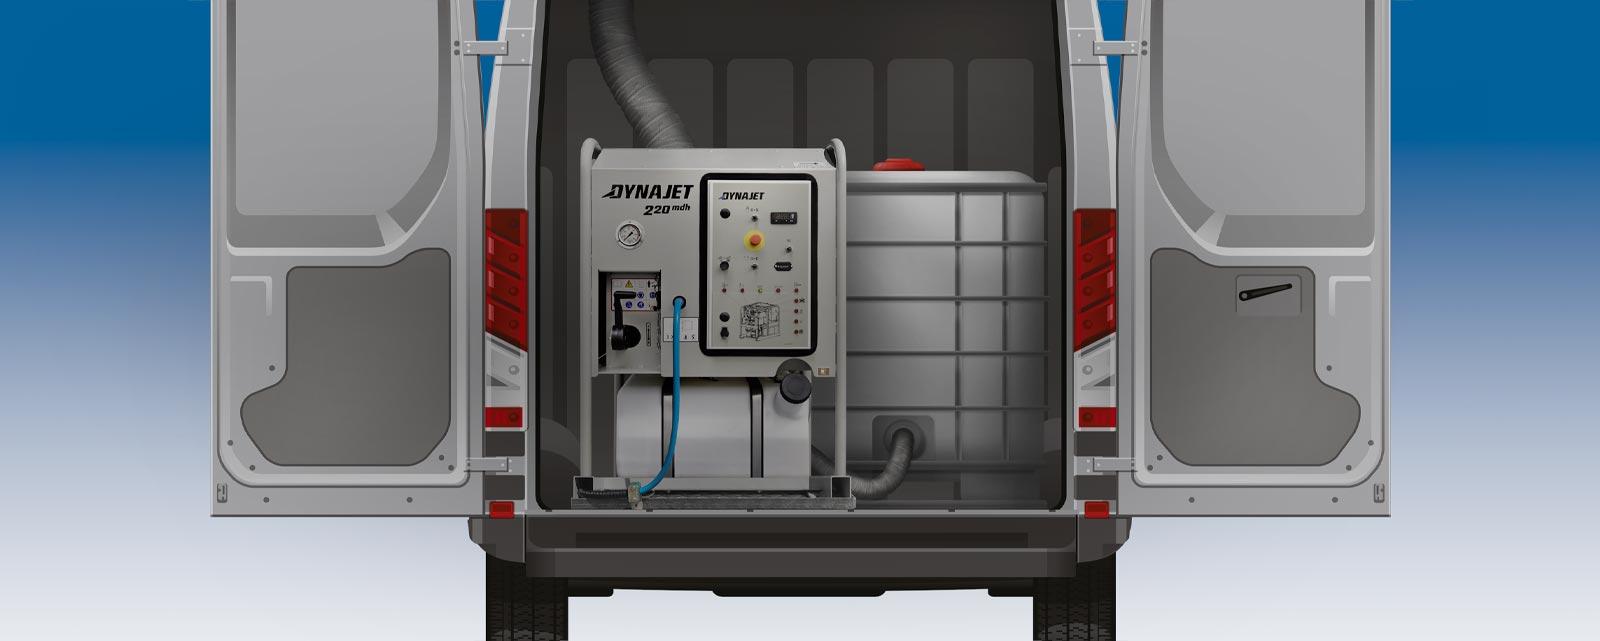 Die DYNAJET Skids und Einbaumodule mit einem Arbeitsdruck von 220 bis 1000 bar und den optional zusätzlichen Heißwasser-Erzeugern sind klein und kompakt.